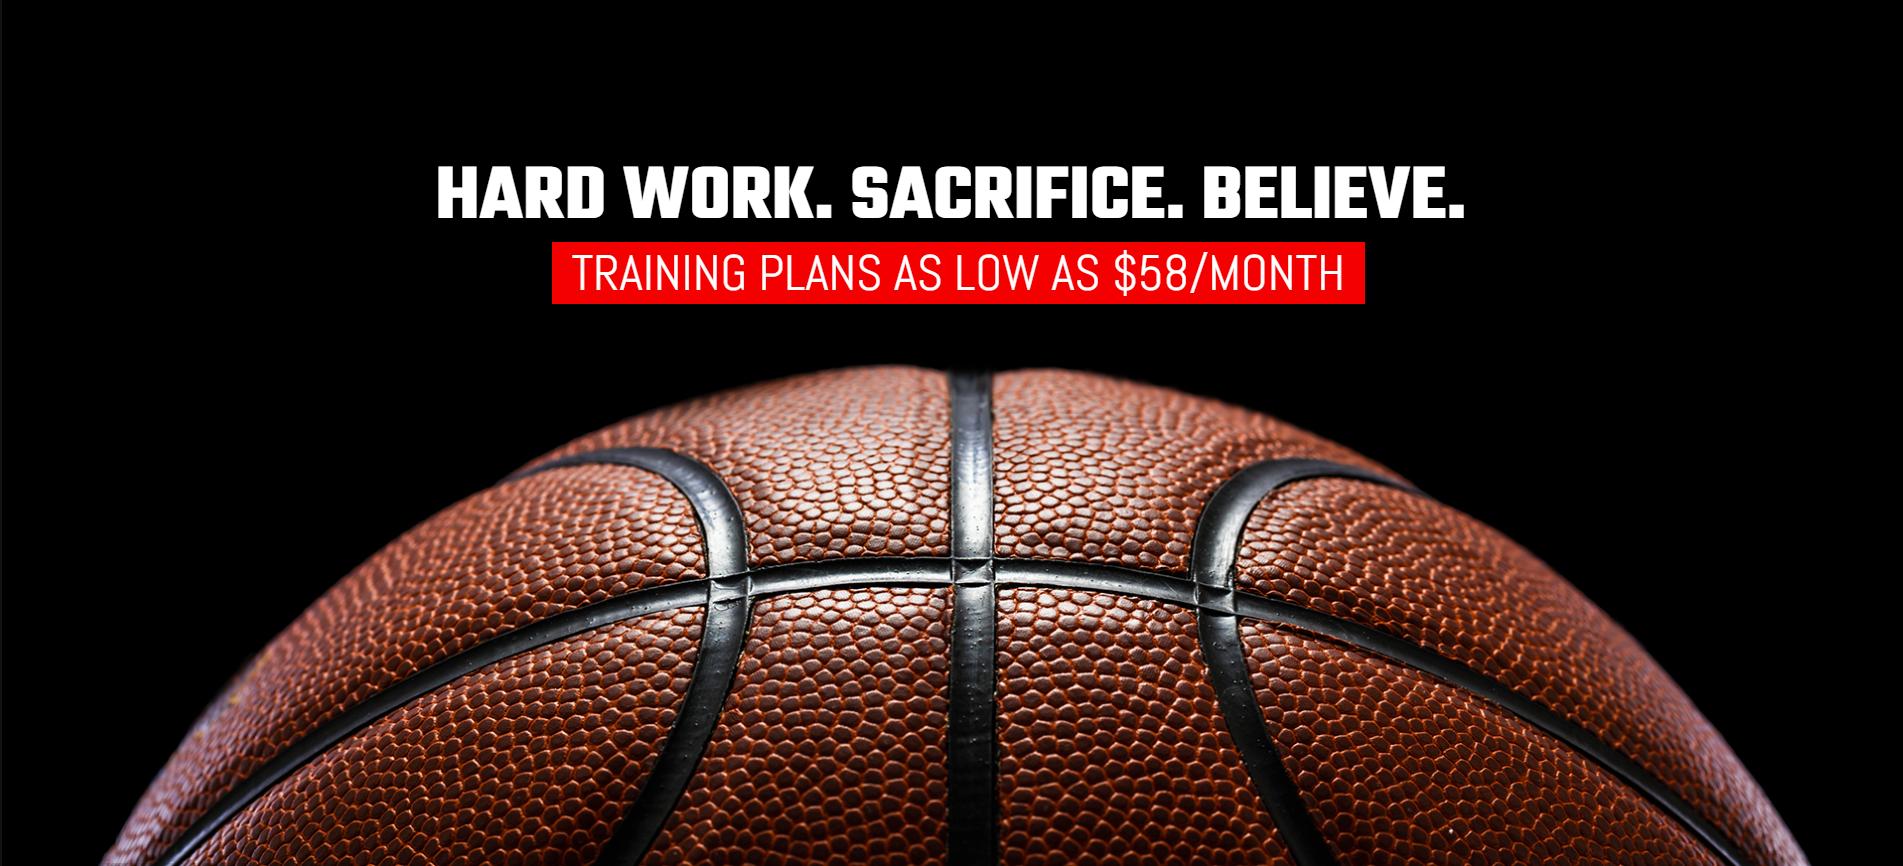 Hard work. Sacrifice. Believe.